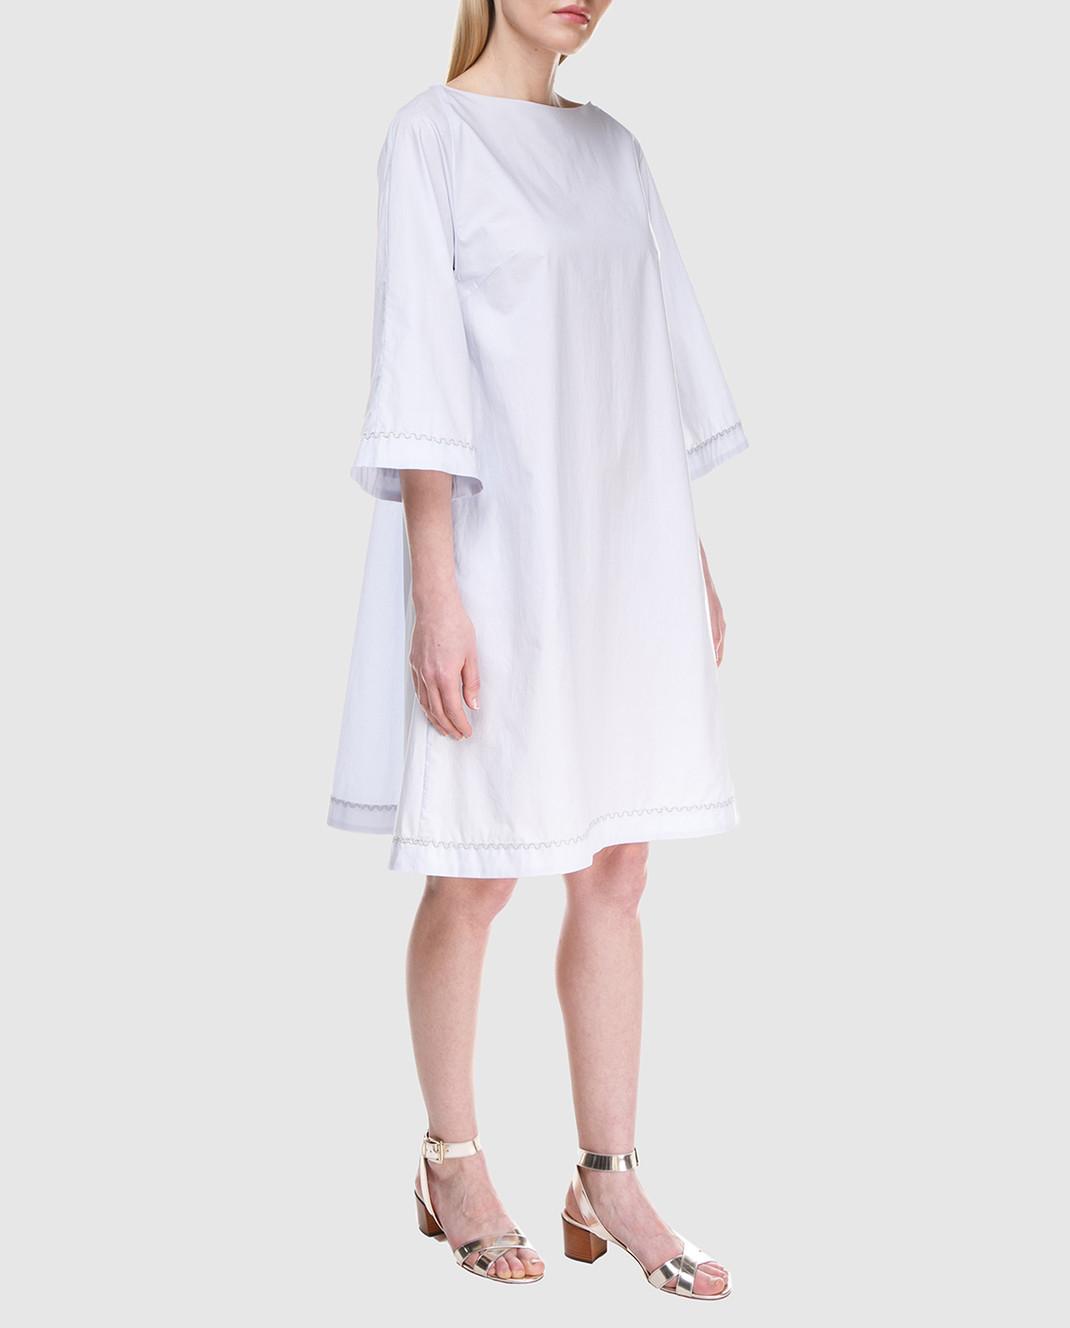 COLOMBO Белое платье  AB00269T0434 изображение 2